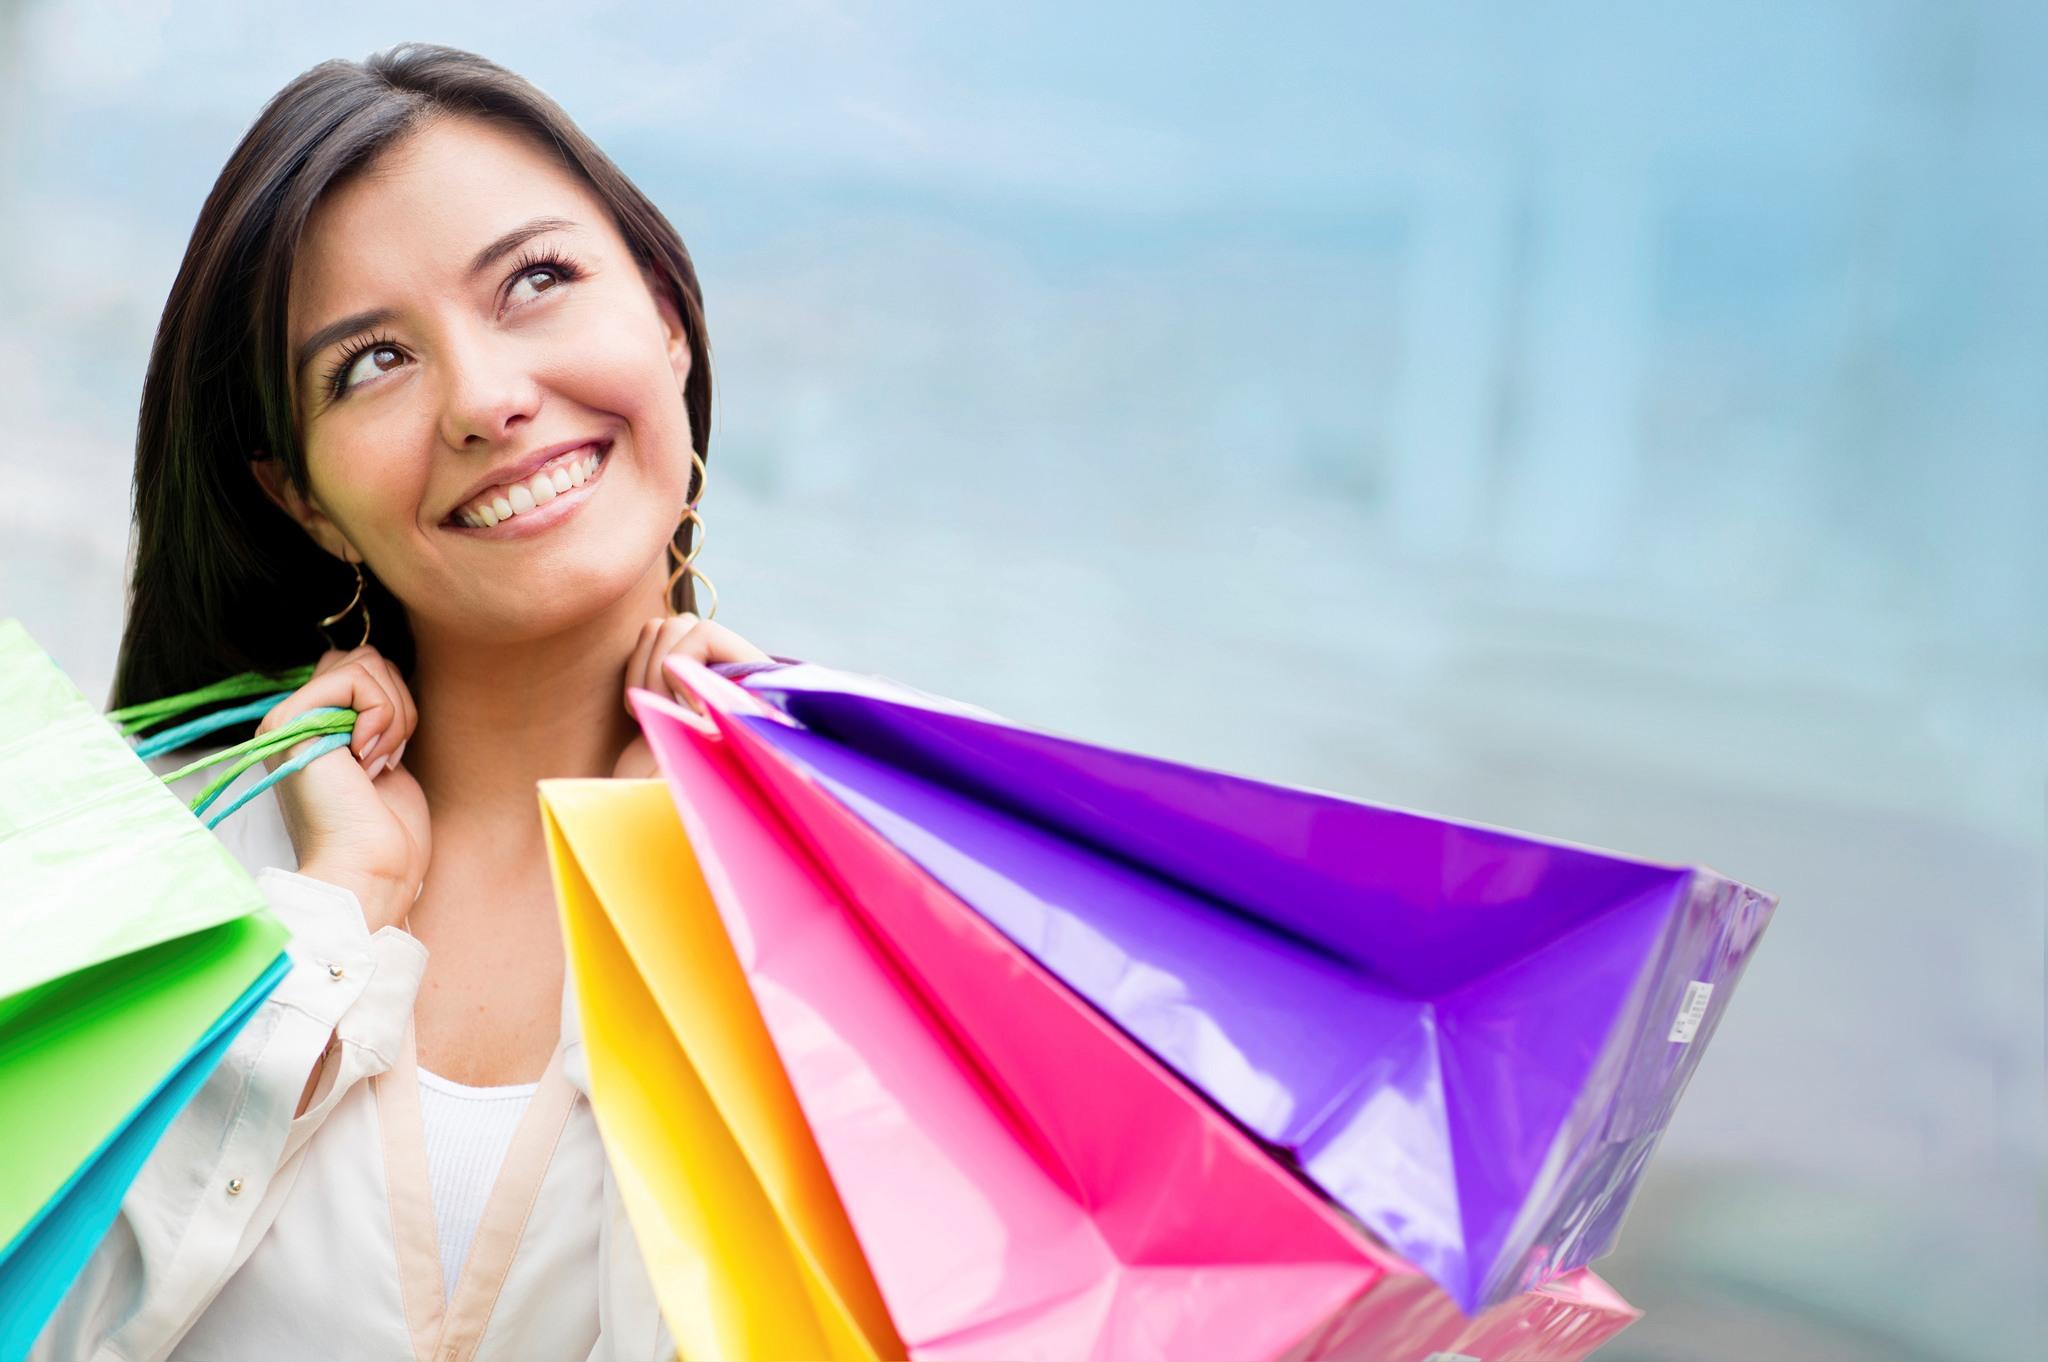 Как поменять платье в магазине если не подошло